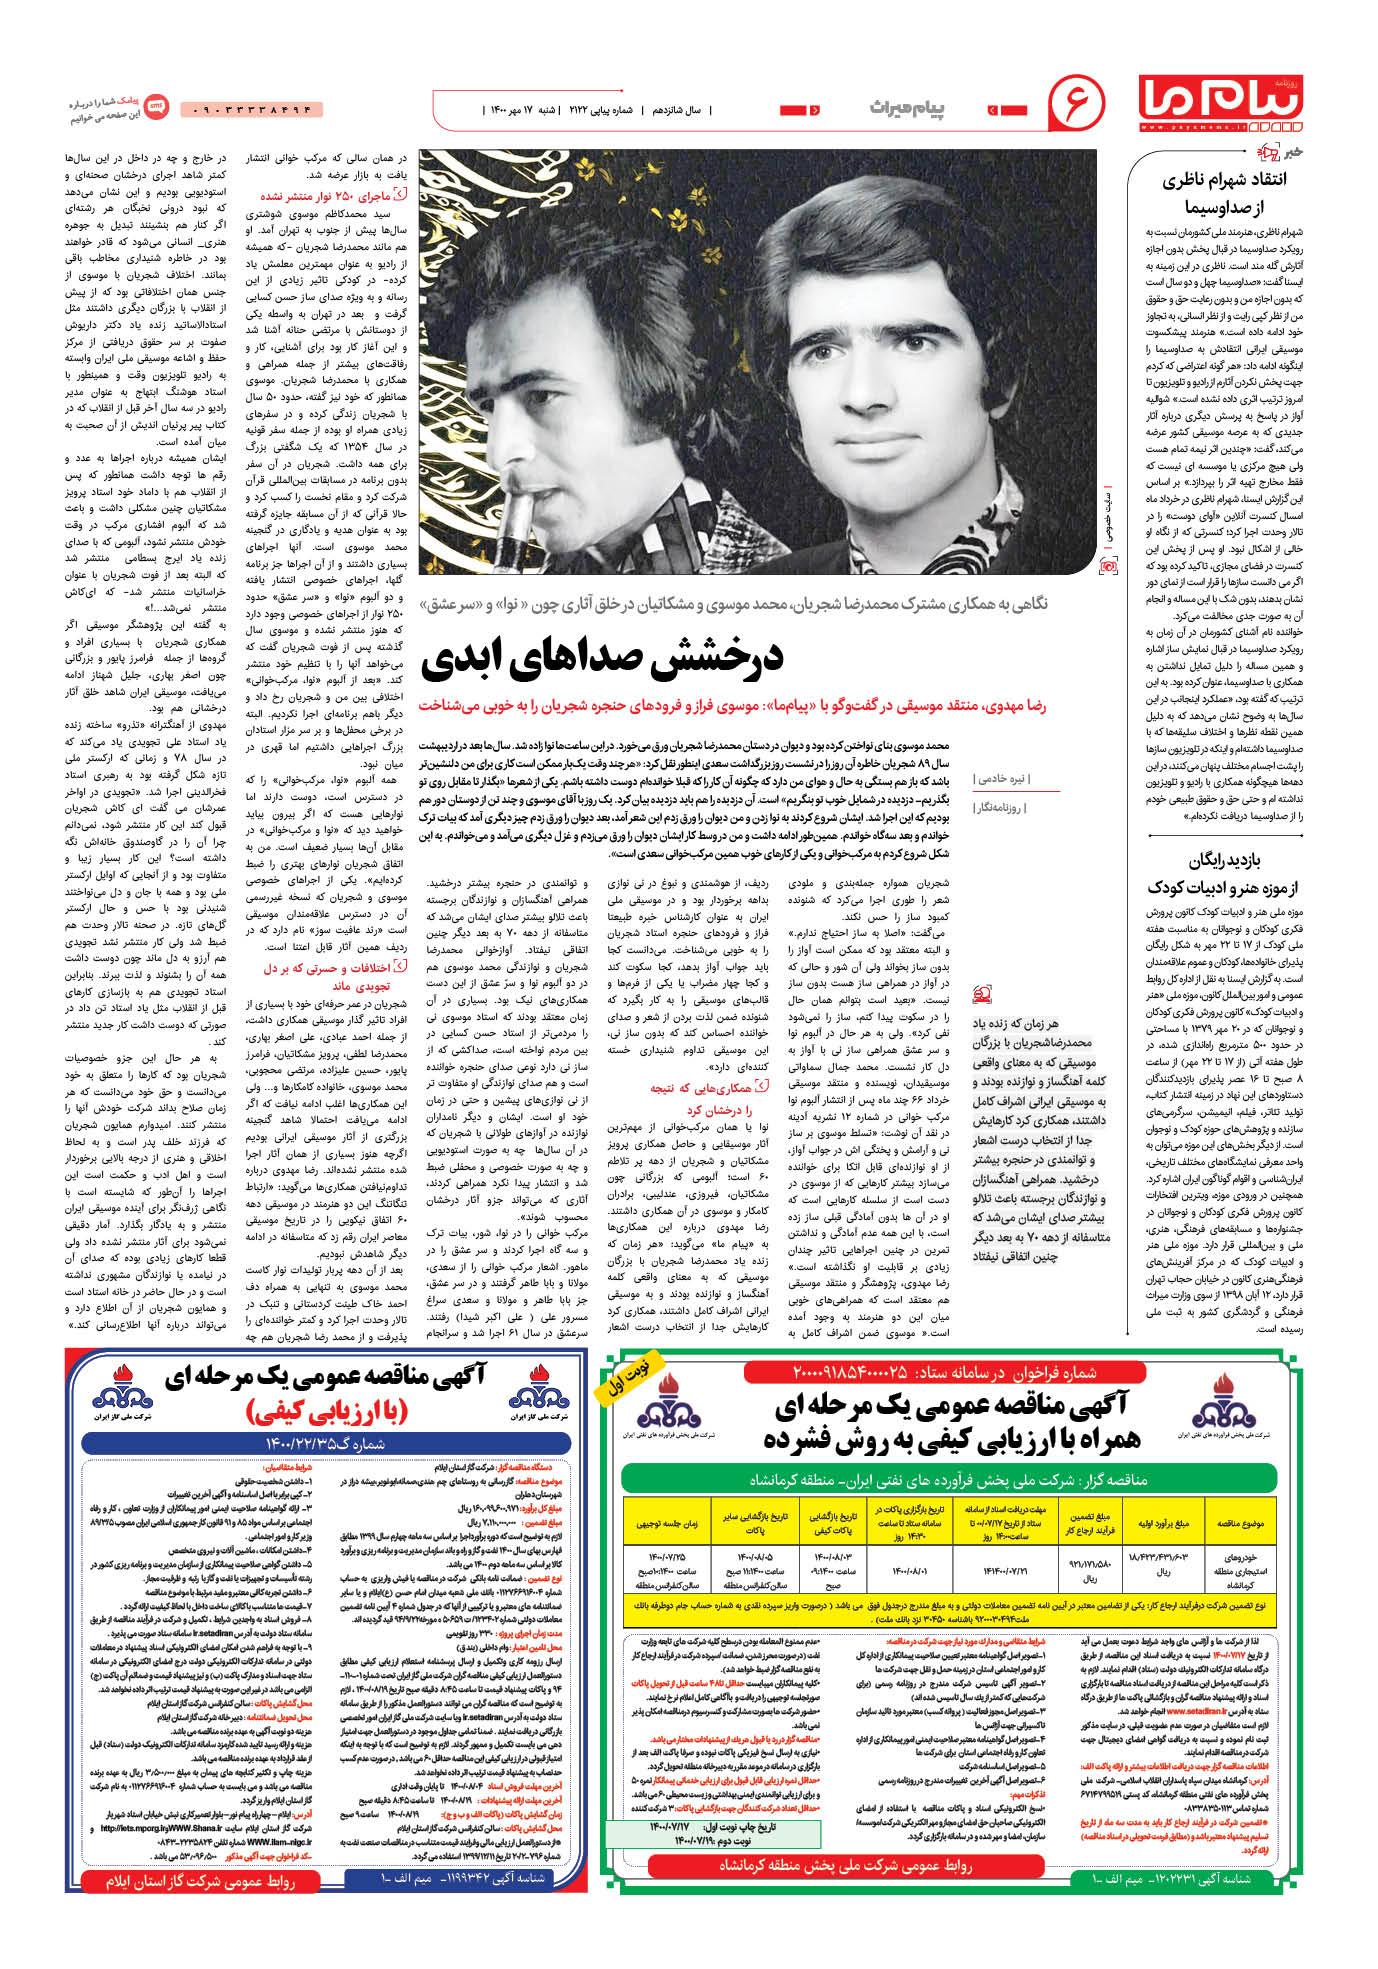 صفحه پیام میراث شماره 2122 روزنامه پیام ما